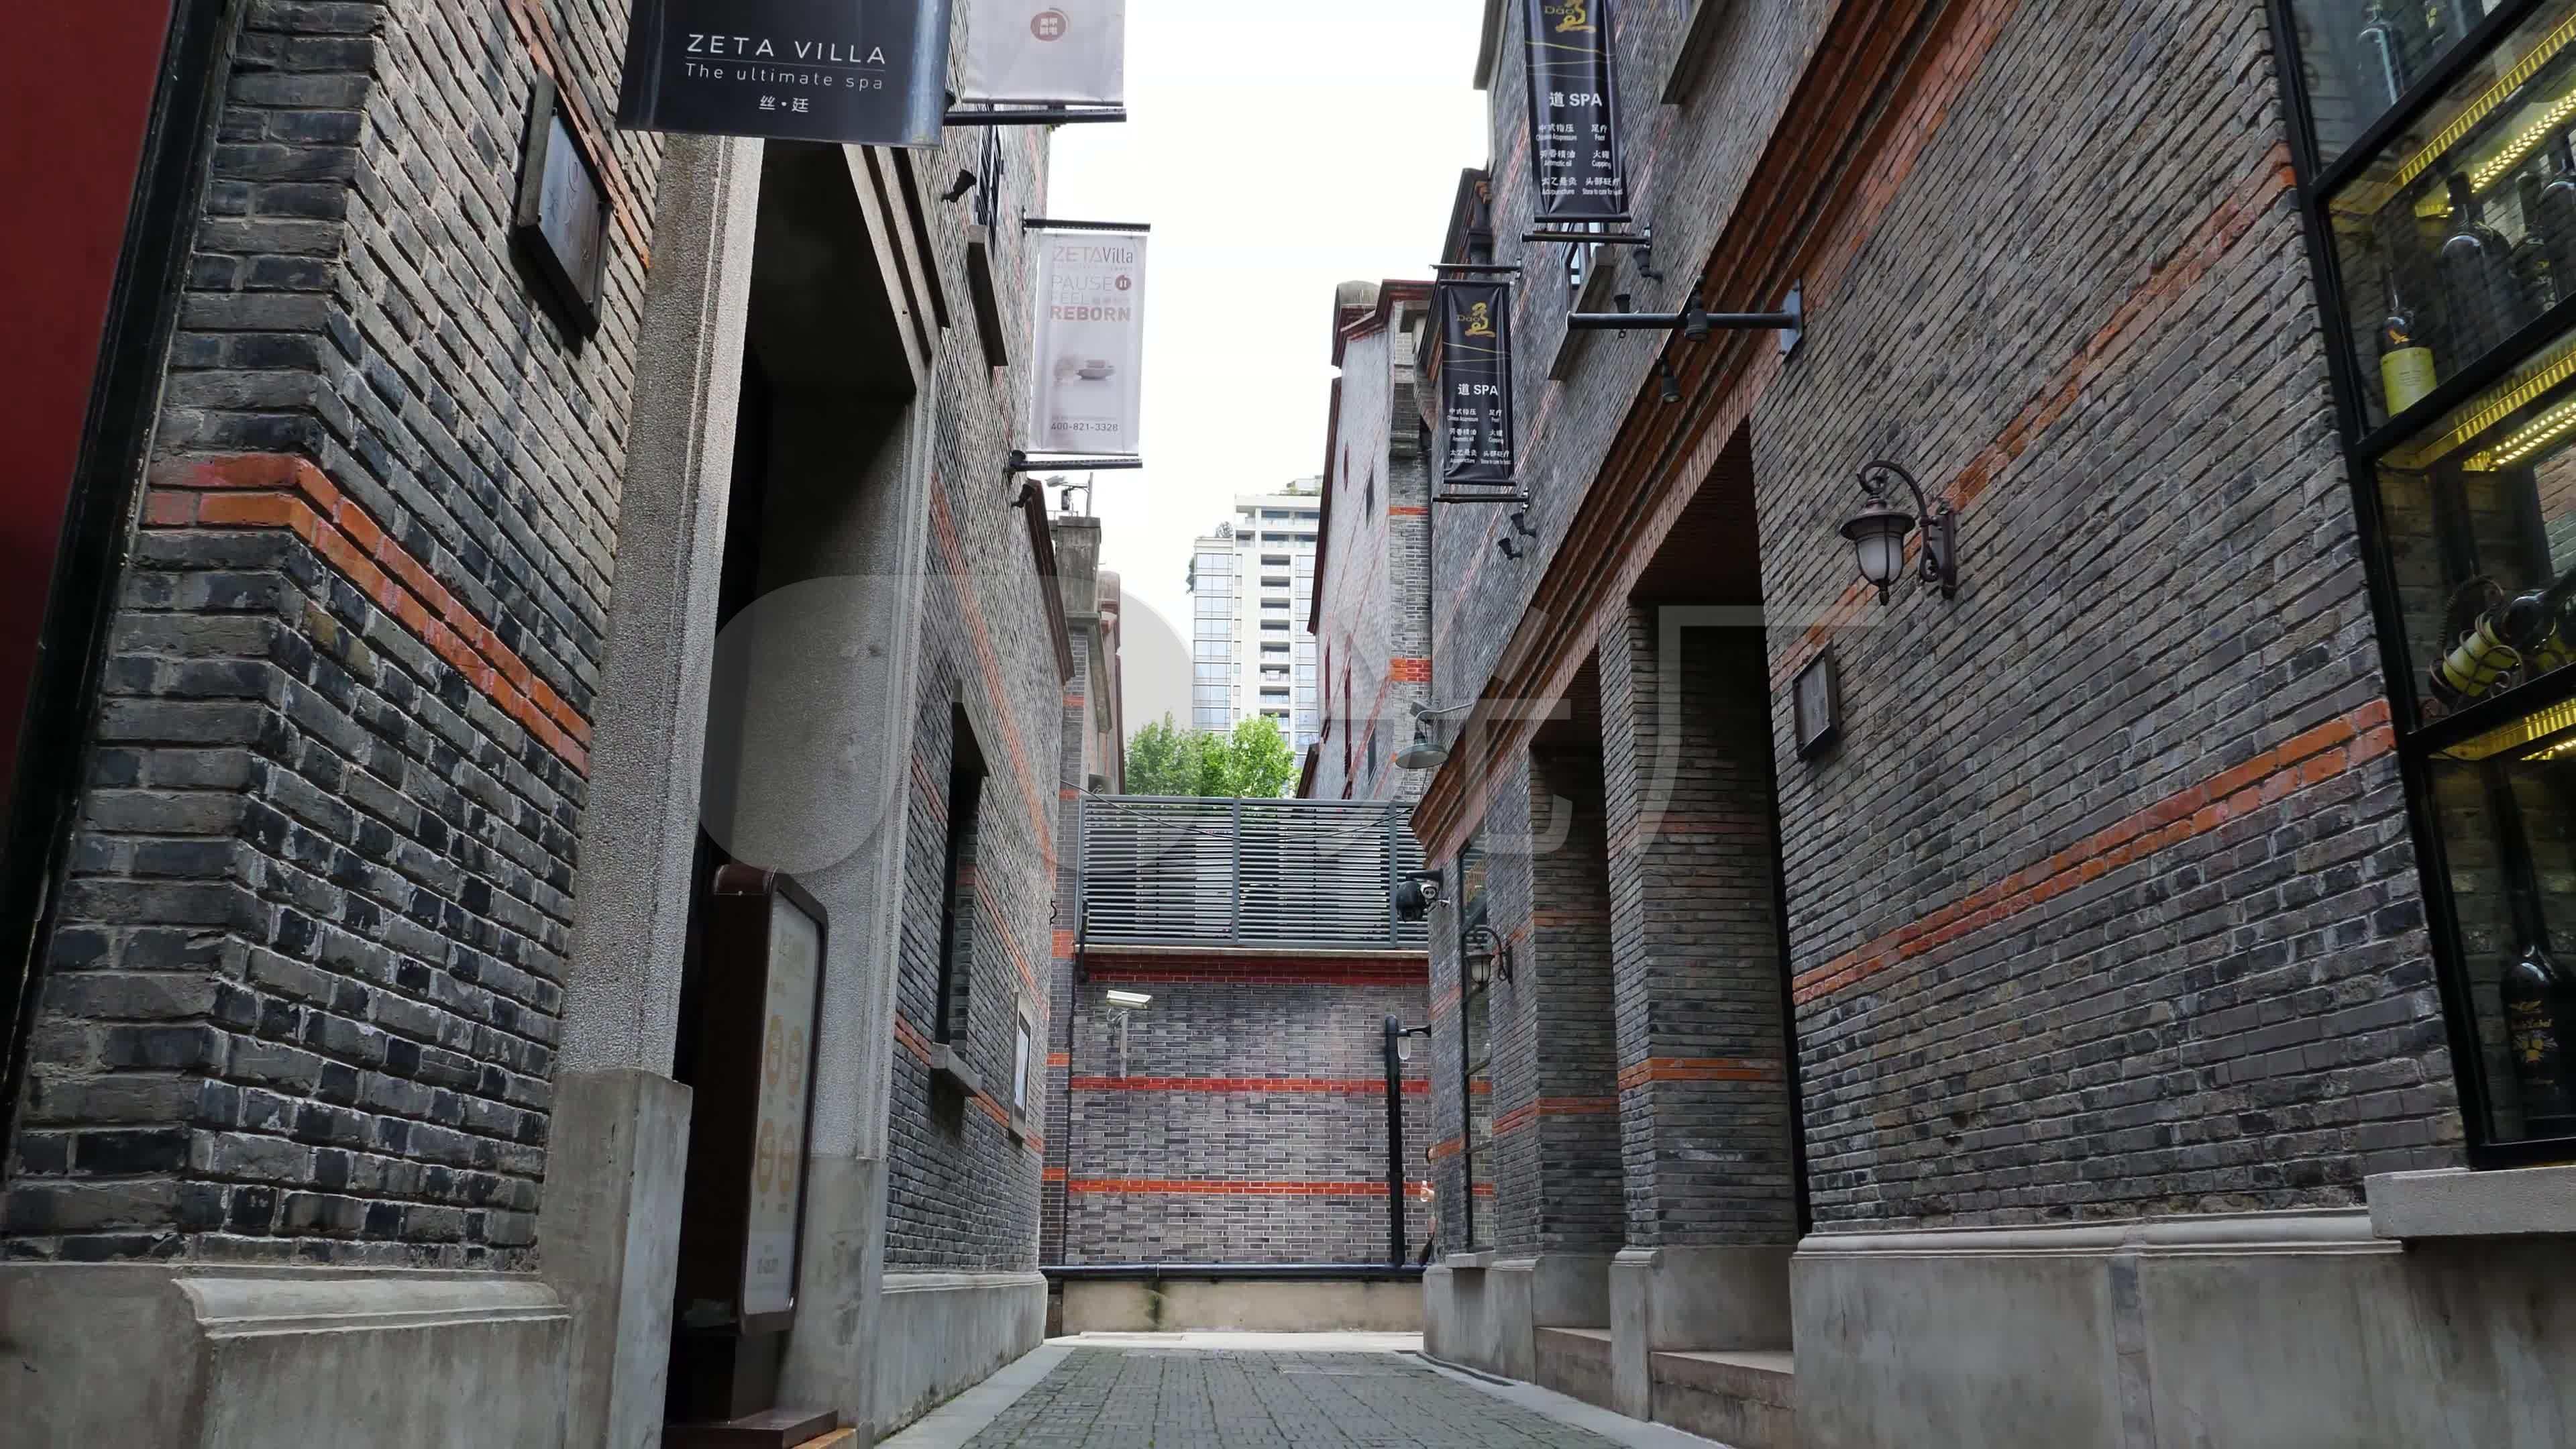 上海新天地石库门老建筑_3840X2160_高清视频素材下载(编号:2747560)_实拍视频